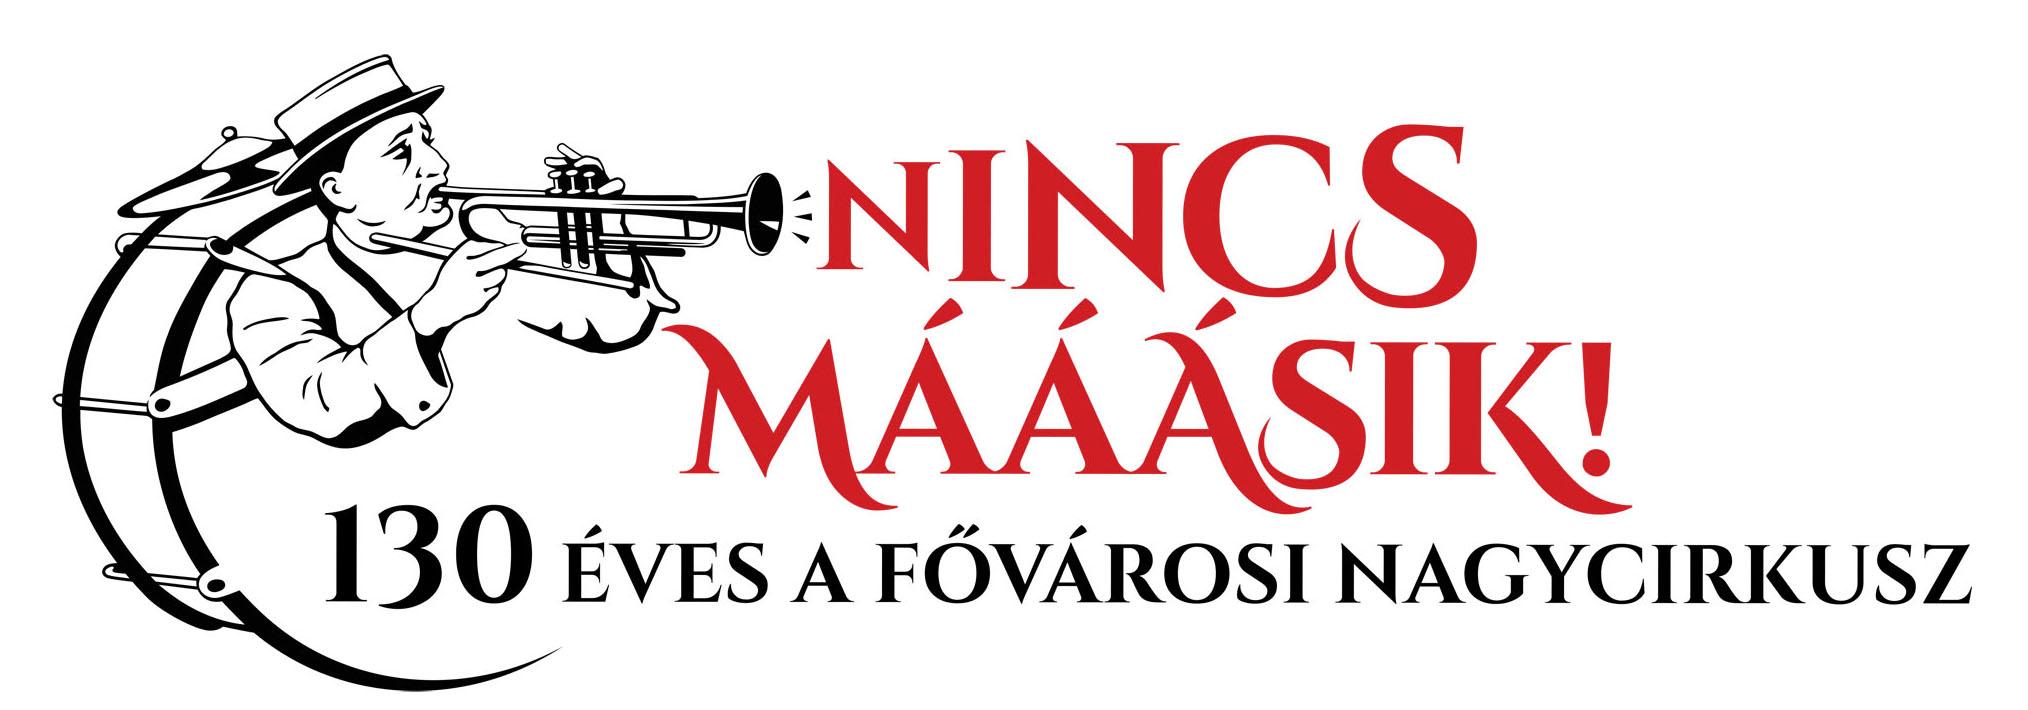 Nincsmaaasik19